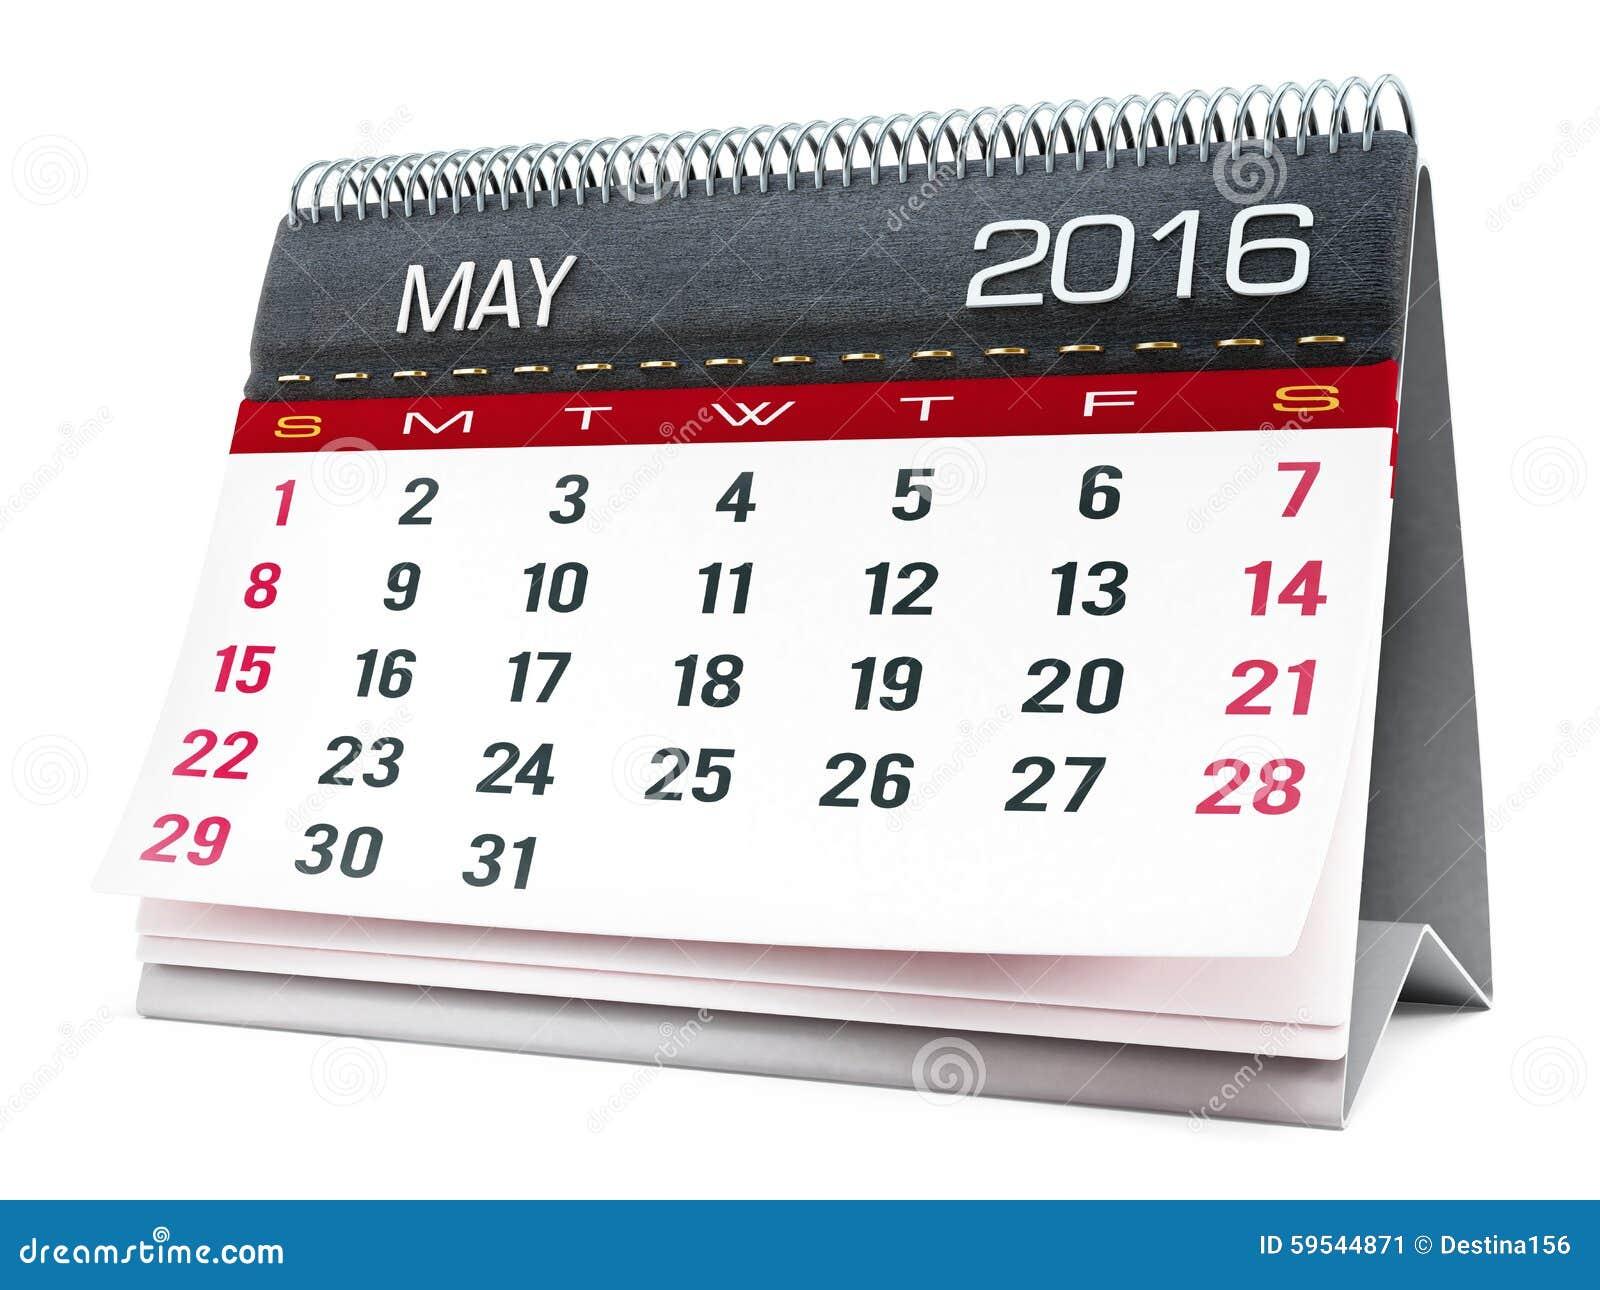 Mai 2016 Calendrier De Bureau Illustration Stock - Image: 59544871